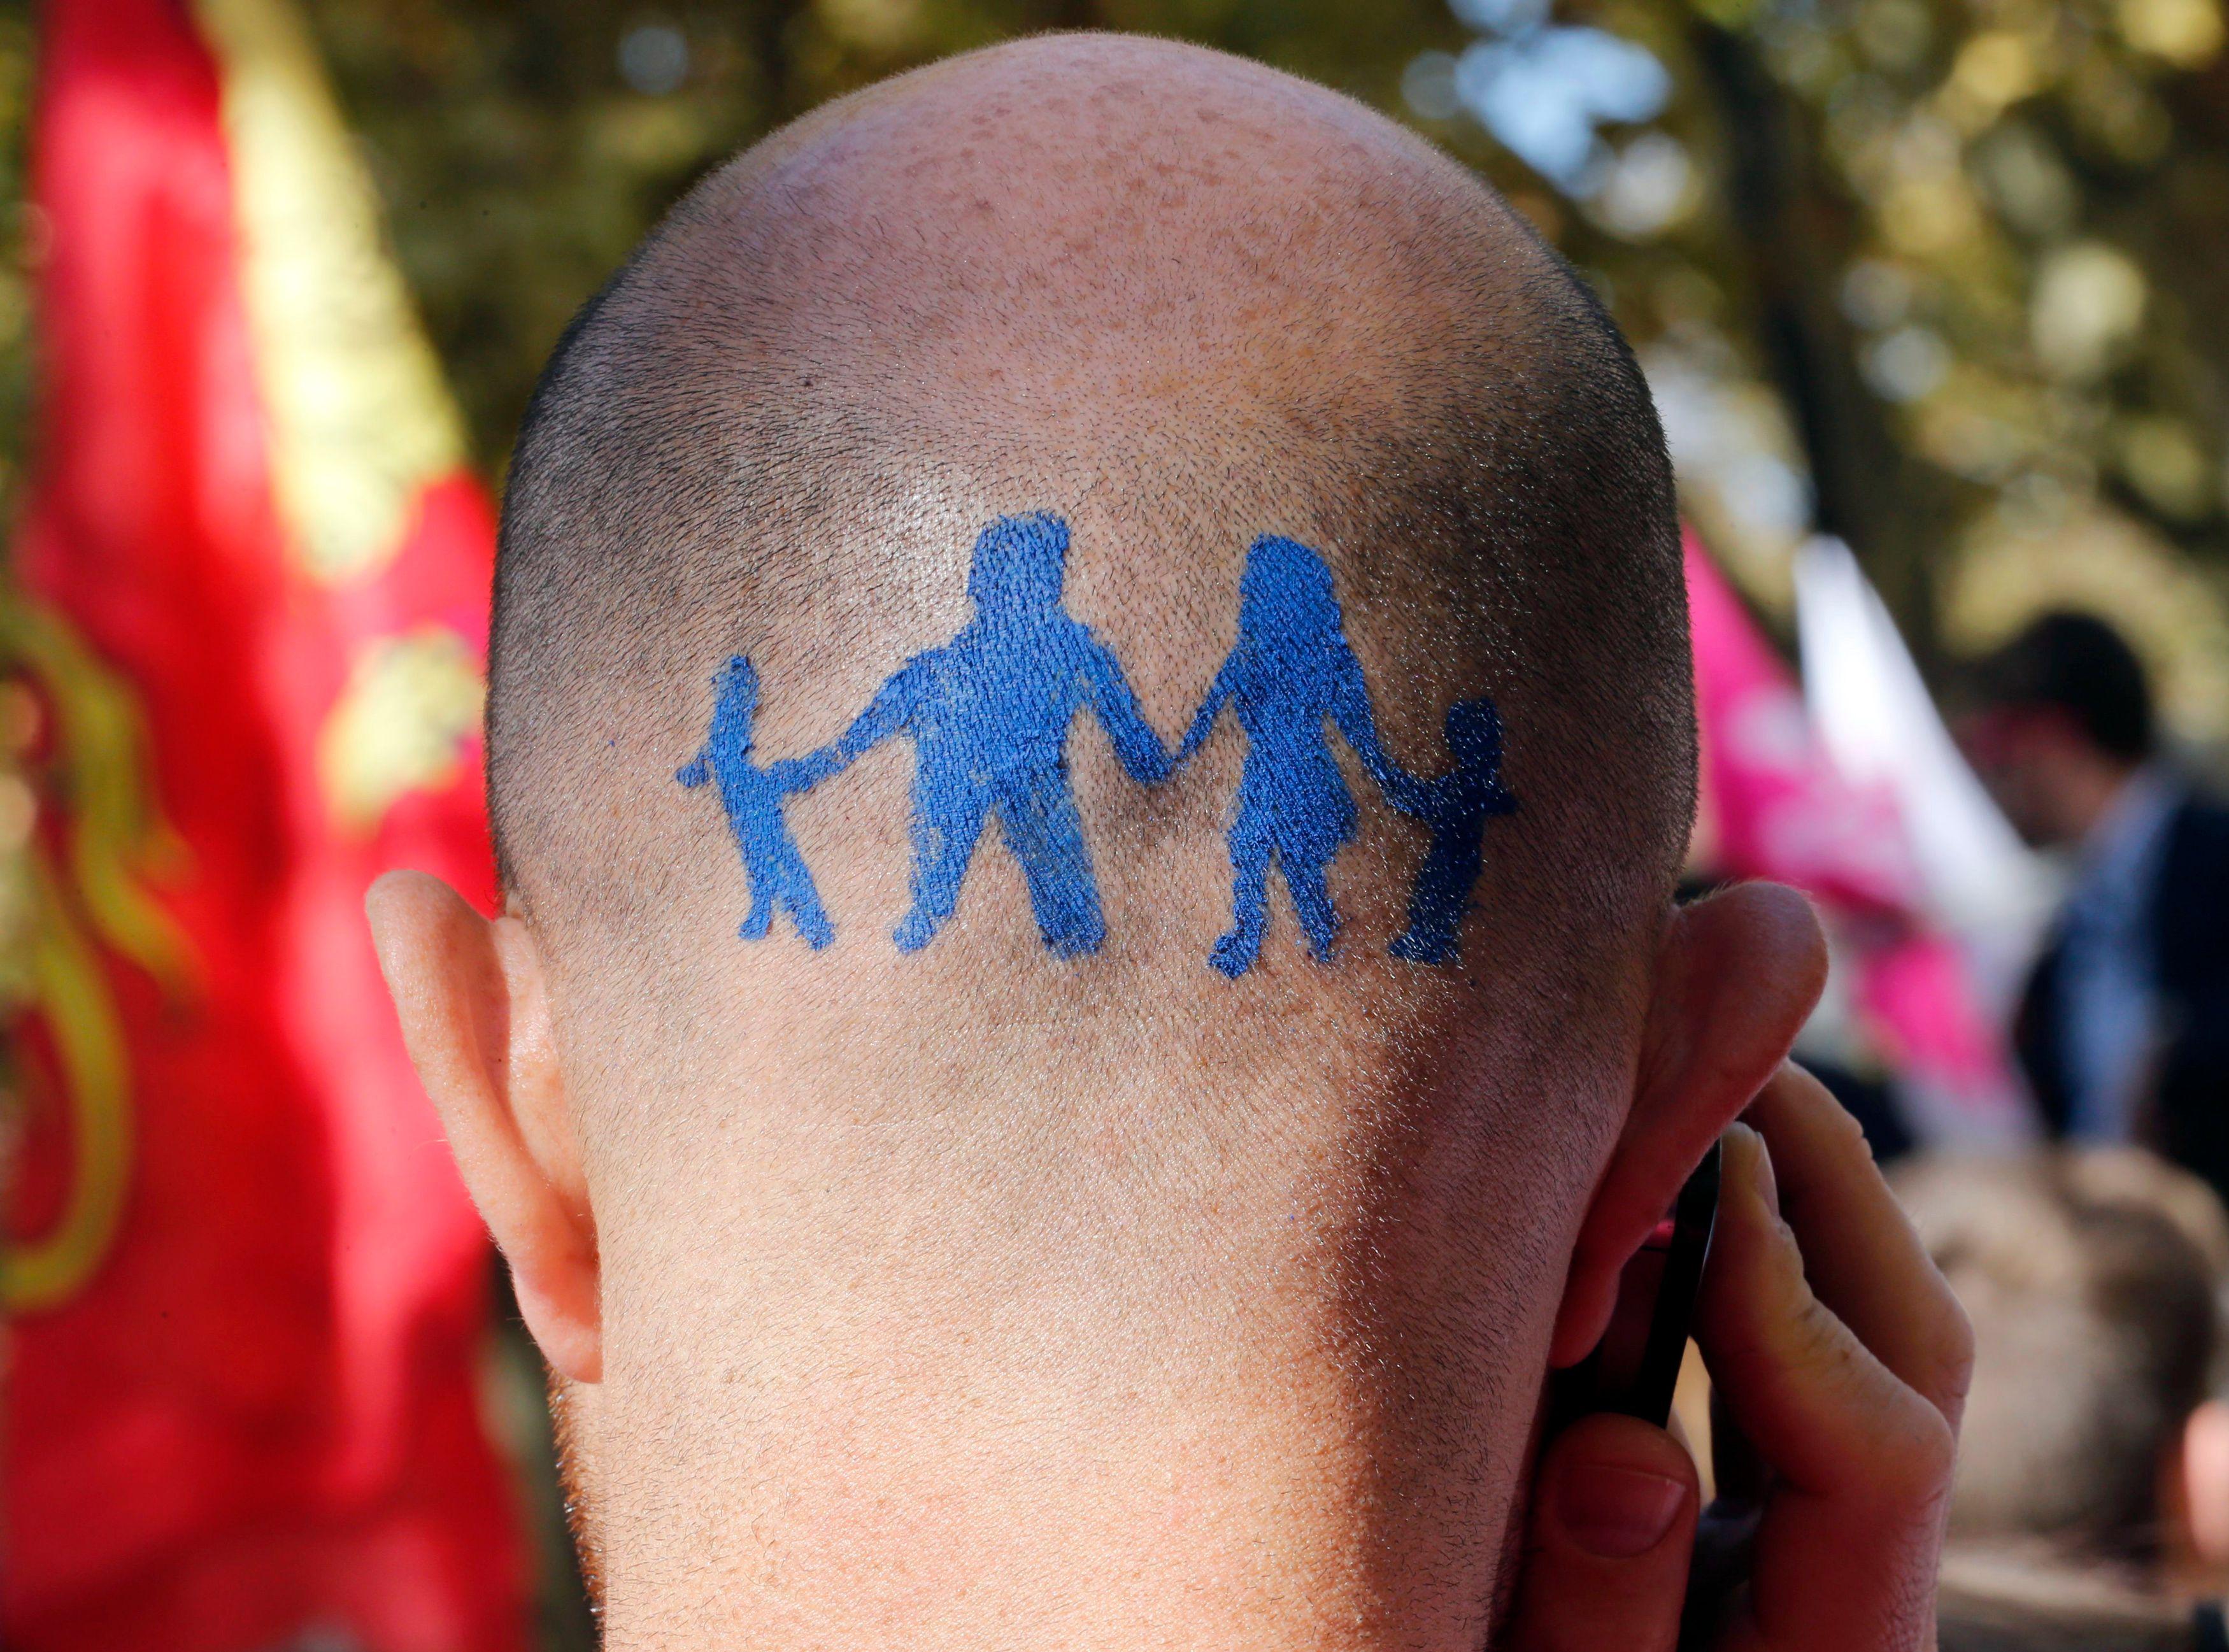 Des membres de Sens commun pourraient intégrer le gouvernement de François Fillon